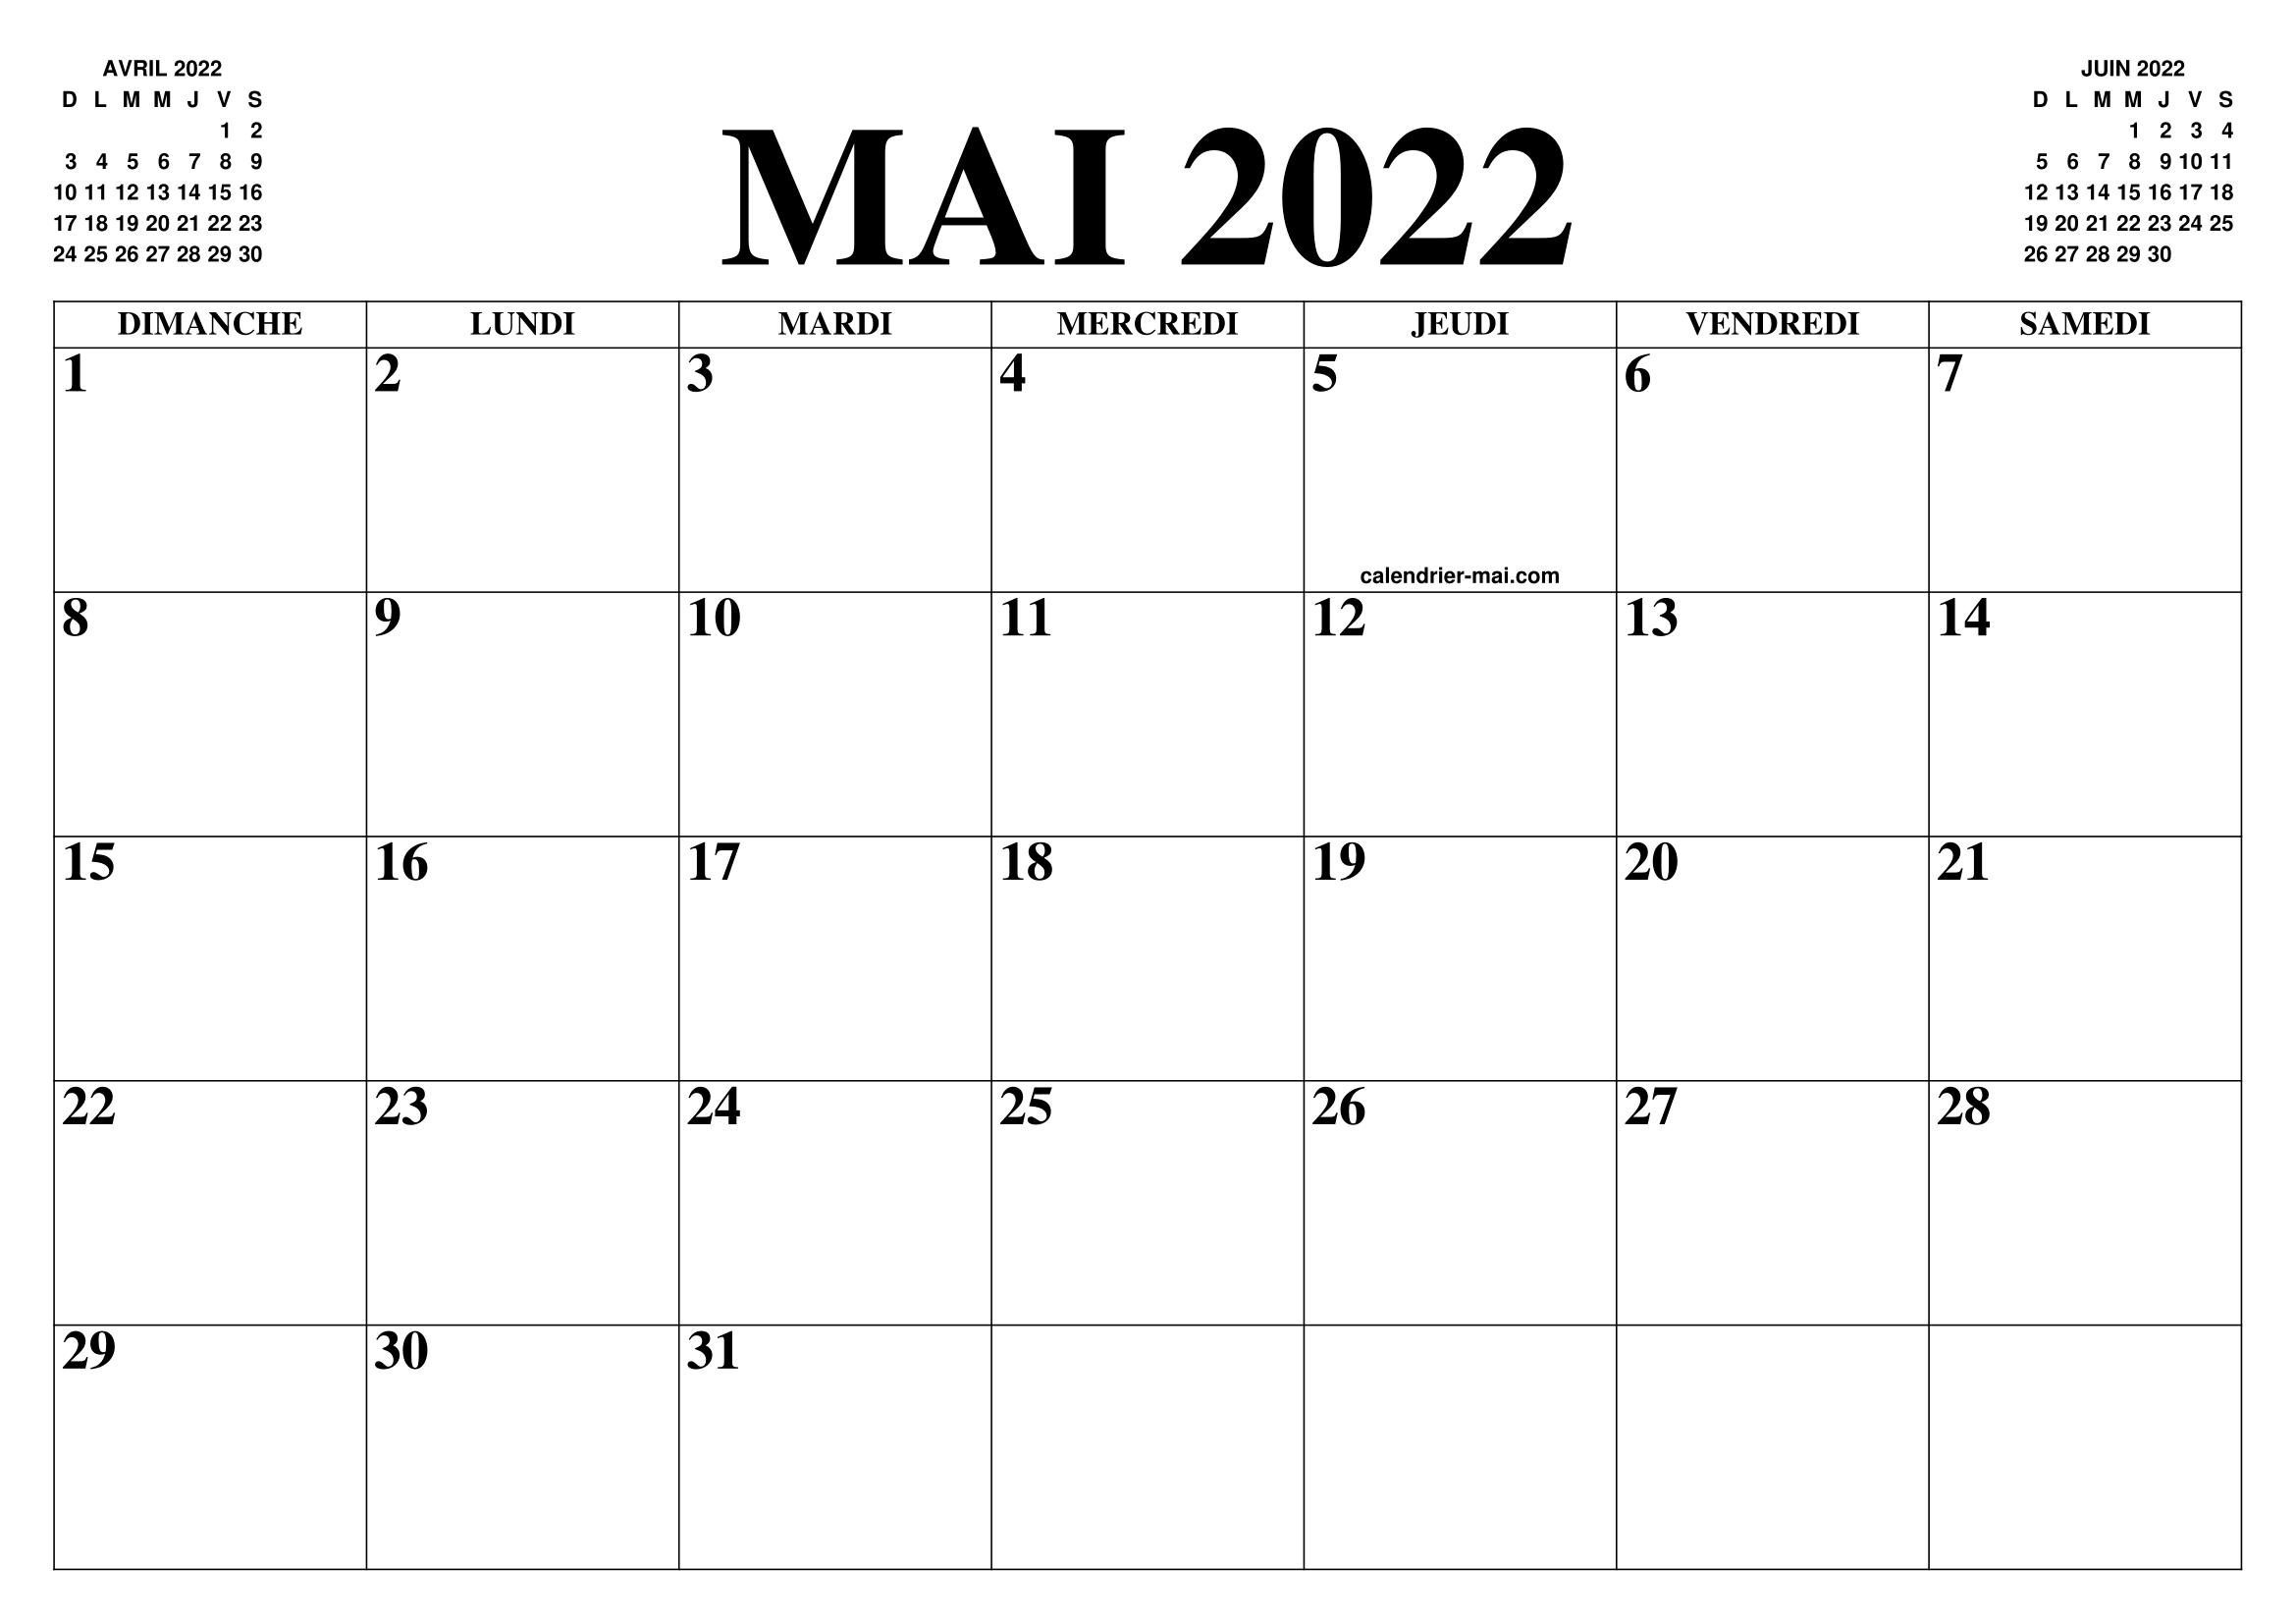 Mai Calendrier 2022 CALENDRIER MAI 2022 : LE CALENDRIER DU MOIS DE MAI GRATUIT A